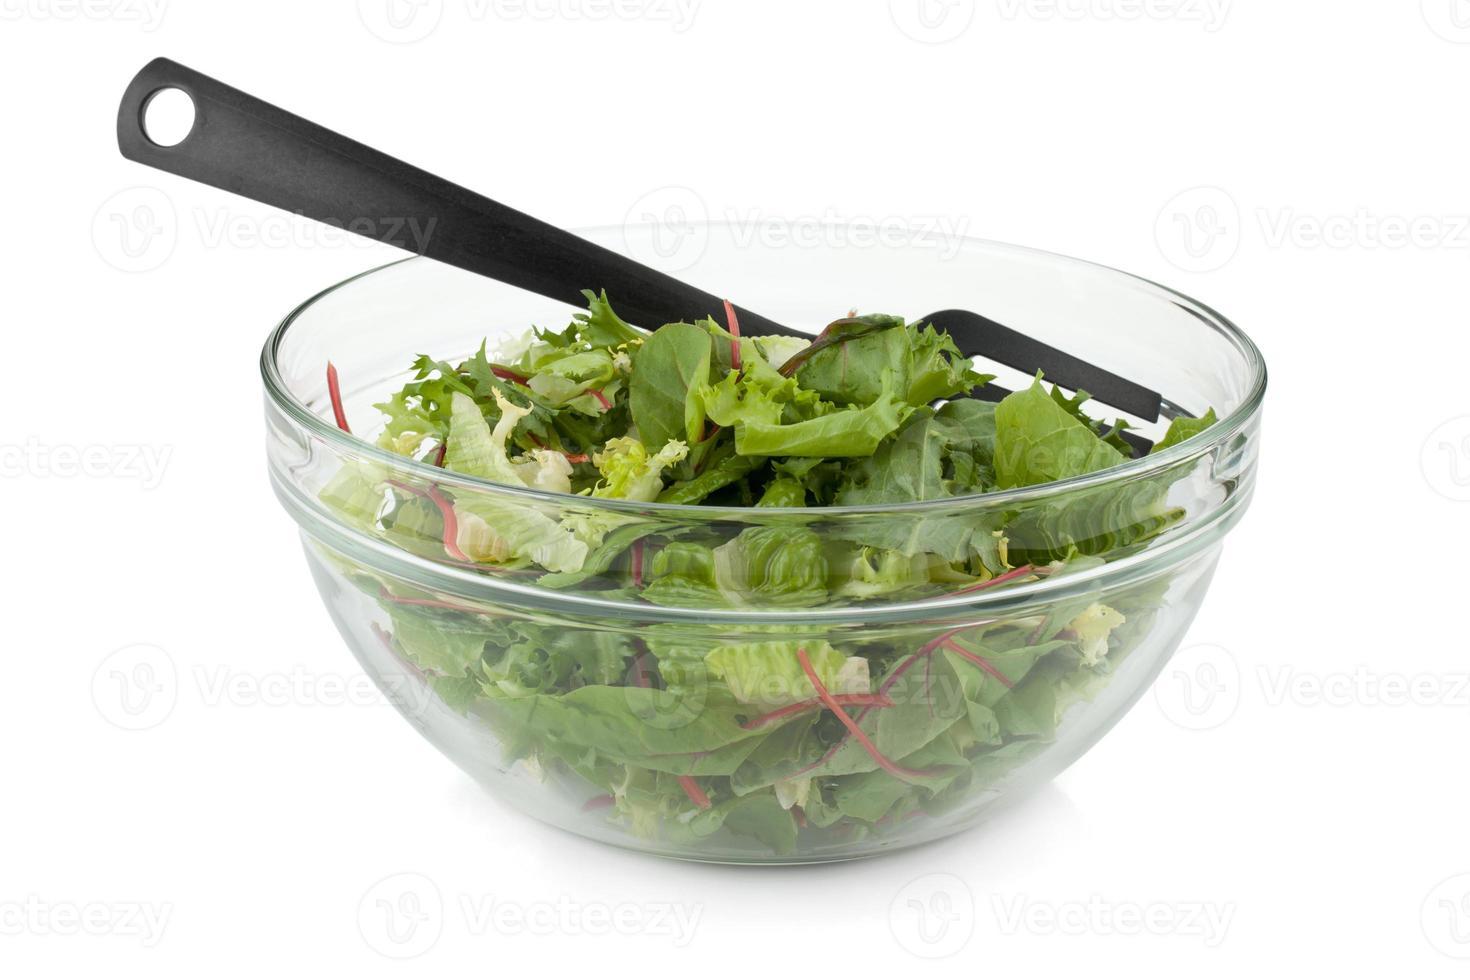 sana insalata verde con forchetta di plastica foto